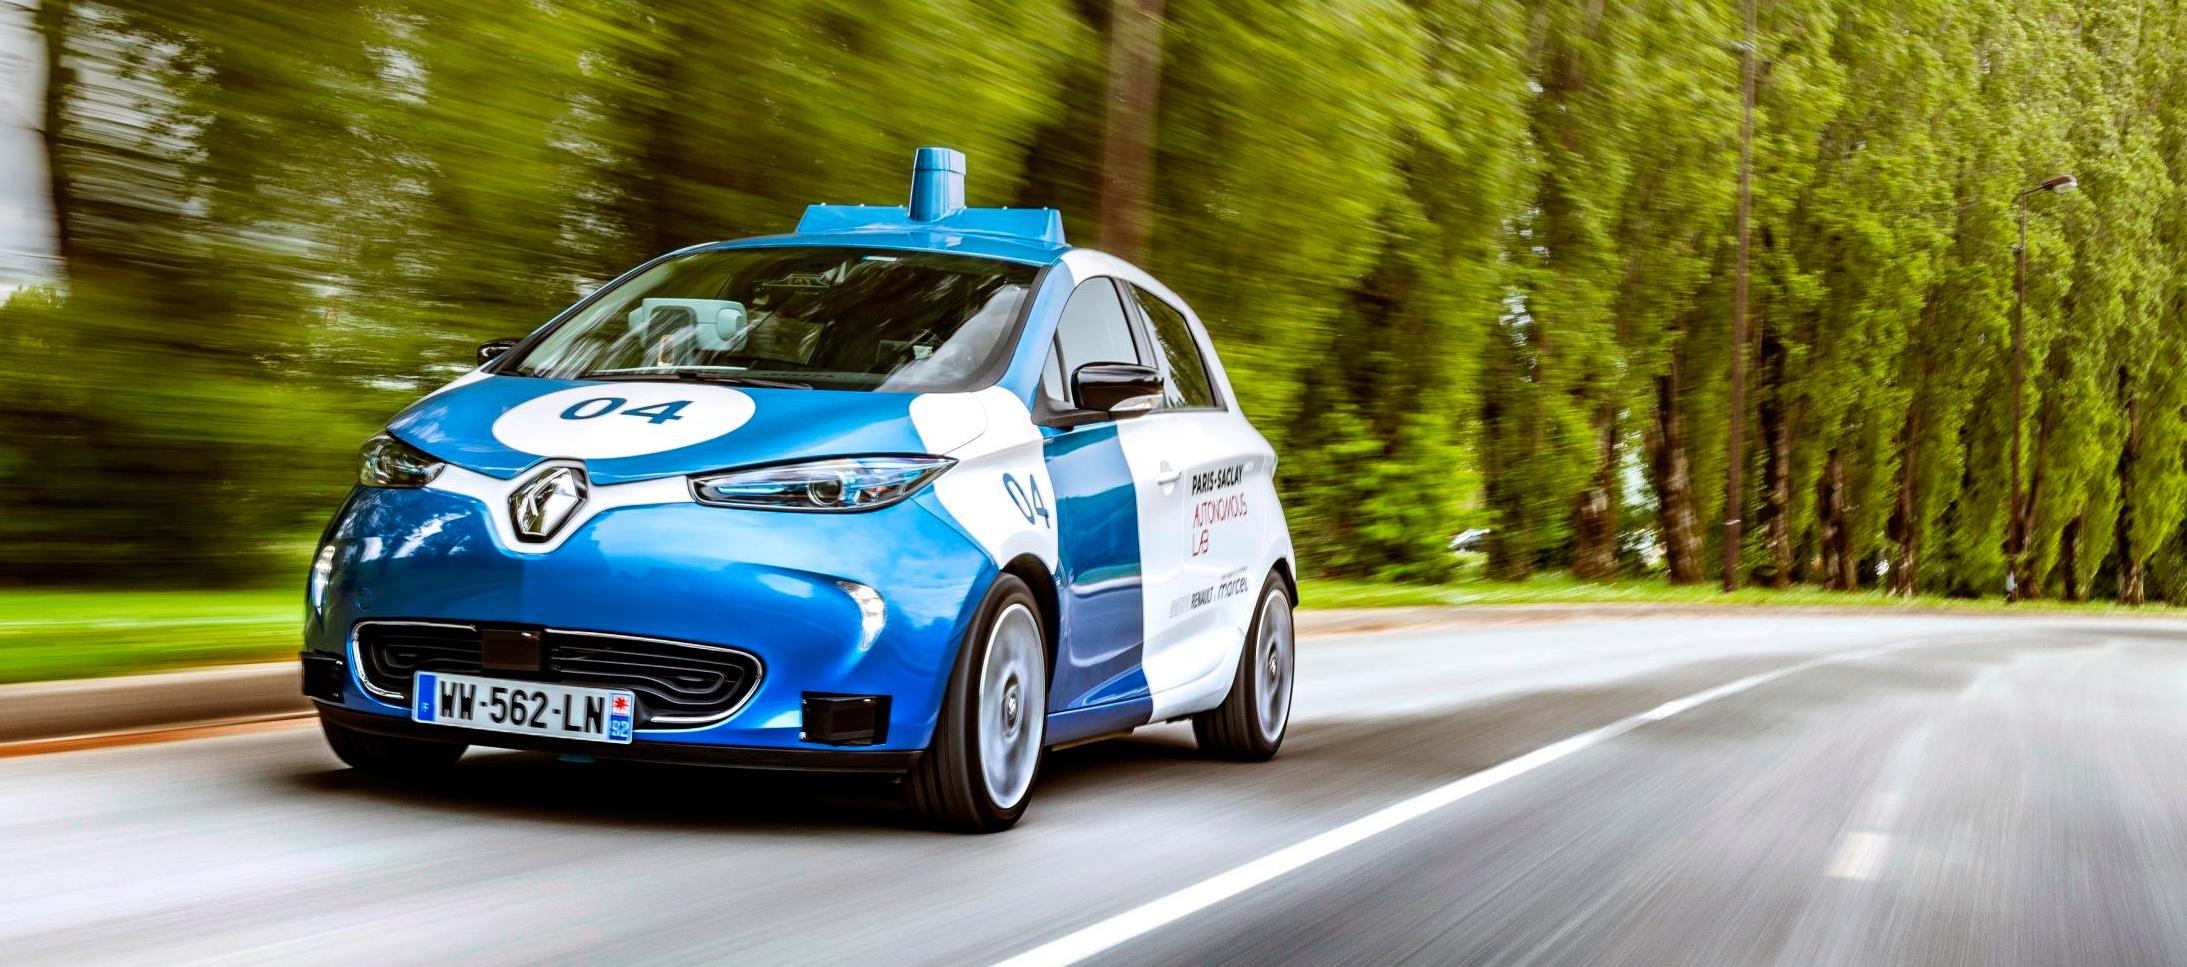 Paris-Saclay Autonomous Lab by Renault